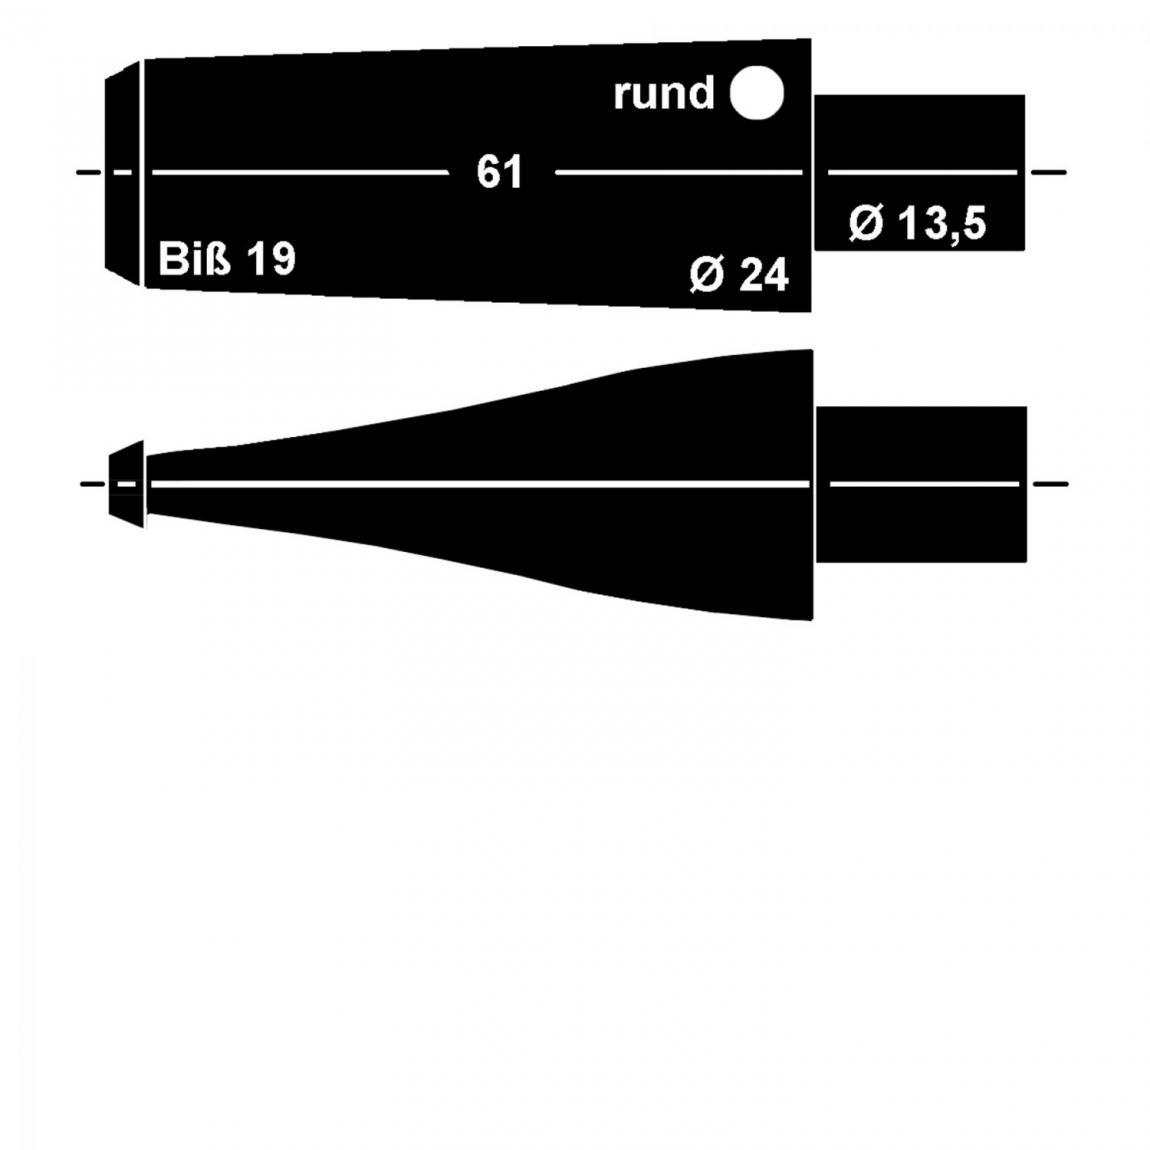 Mundstück aus Ebonit Nr. 1/2 Fishtail rund, vorgedreht 9mm Filter